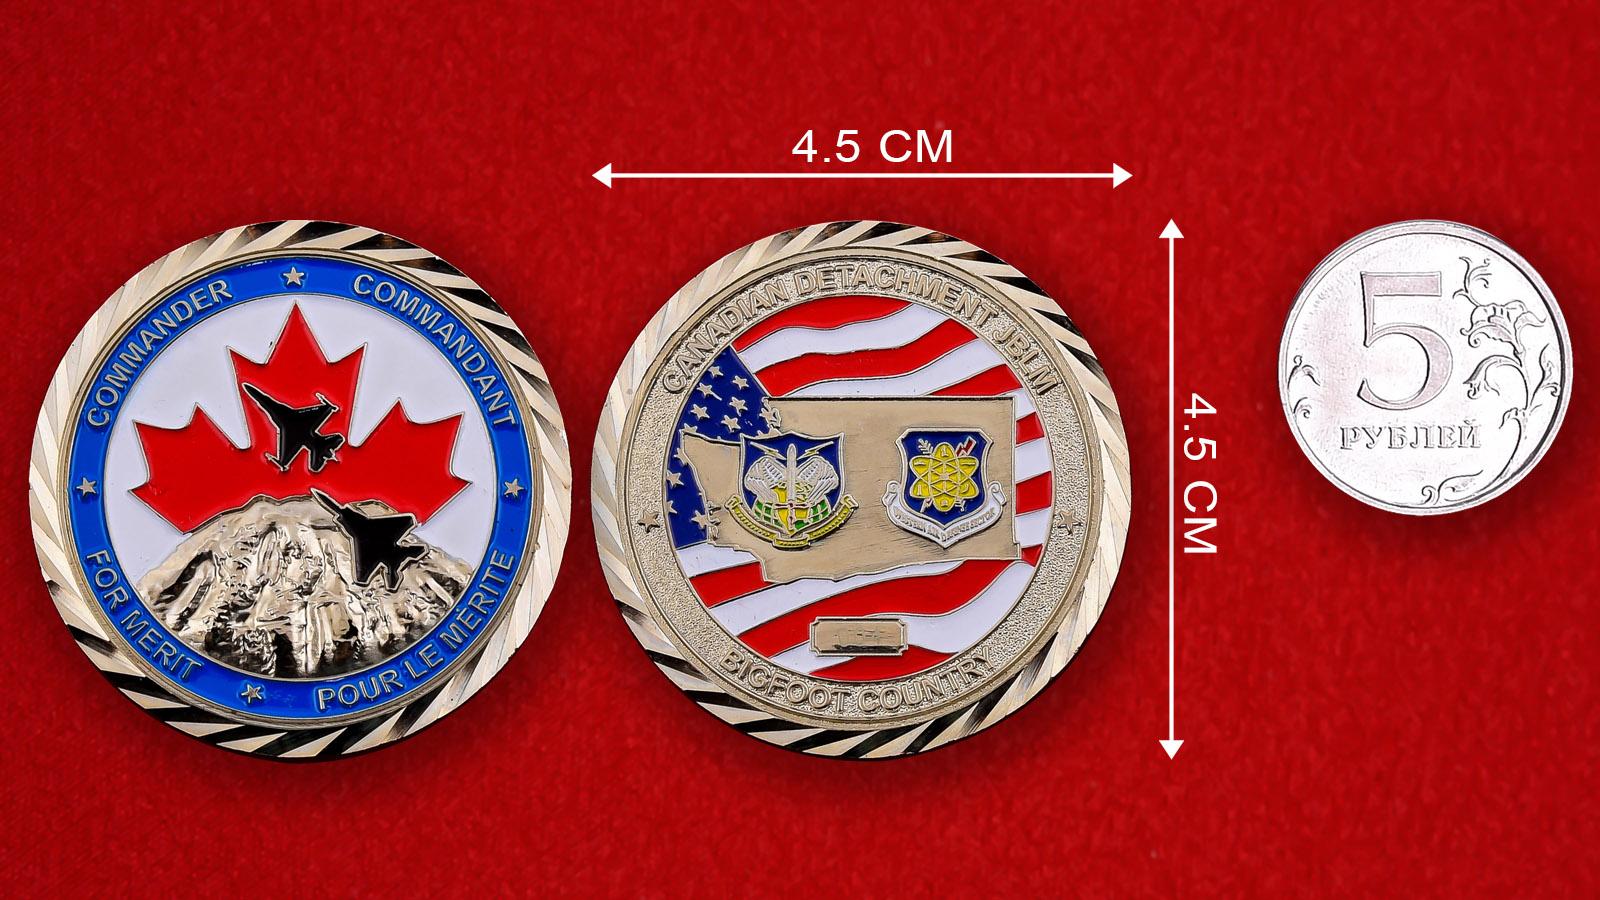 """Челлендж коин """"За заслуги"""" от командира Канадского отряда Joint Base Lewis-McChord"""""""